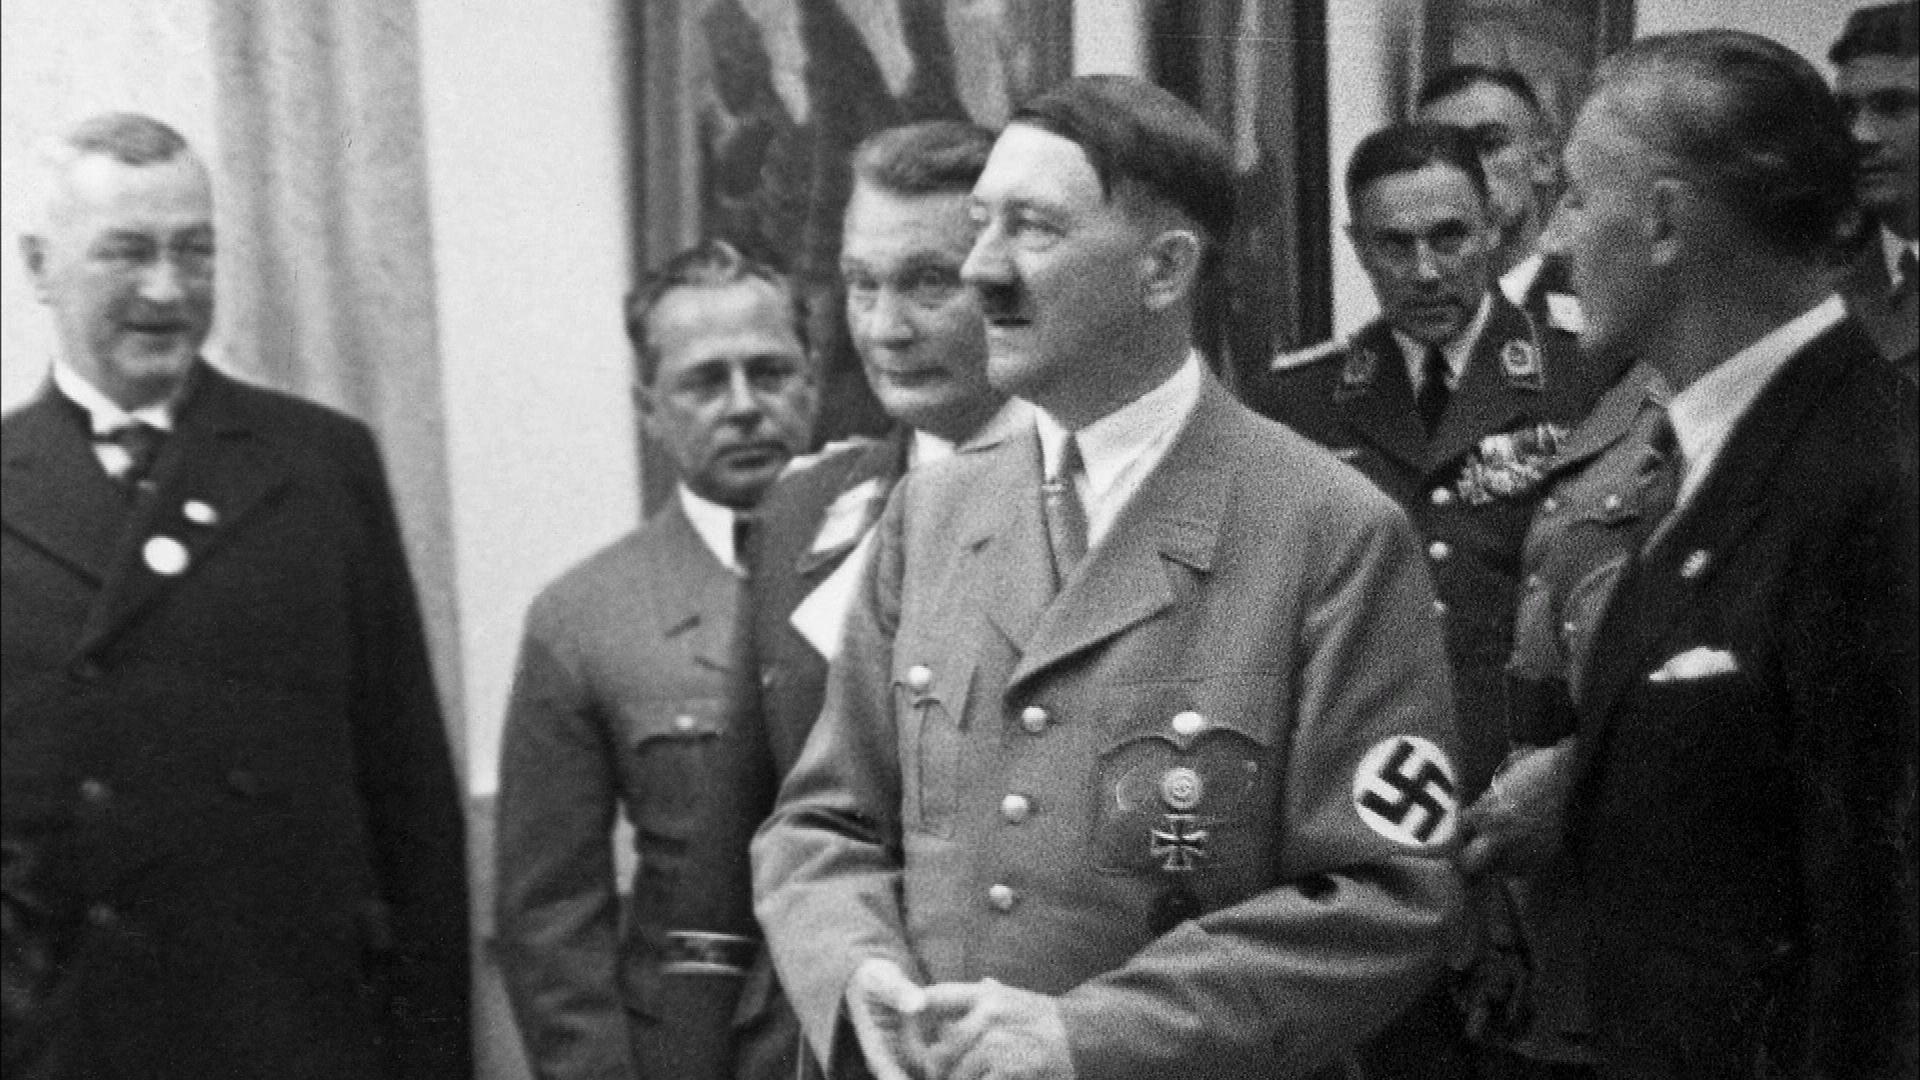 La noche temática - La alargada sombra del expolio nazi - avance